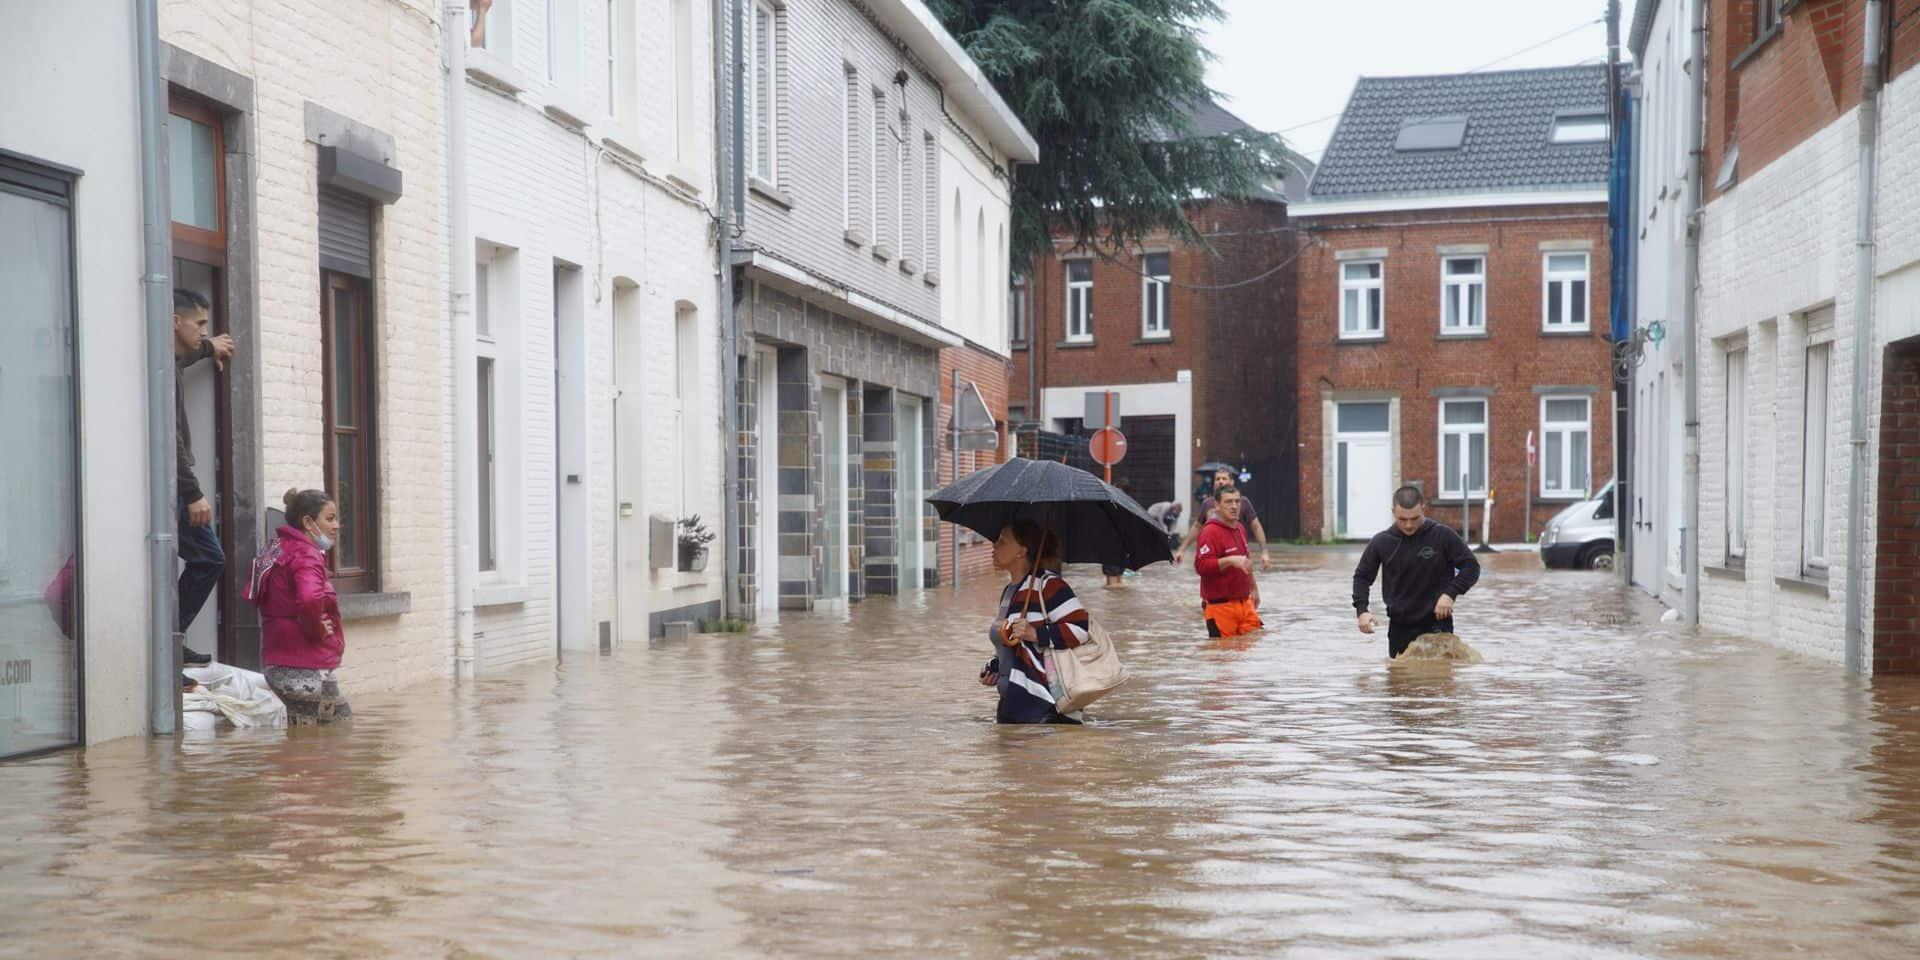 """Aurait-on pu mieux résister aux inondations ? Pour le bourgmestre de Grez-Doiceau, il faut rester réaliste : """"Même avec un bassin d'orage, on aurait été submergés !"""""""